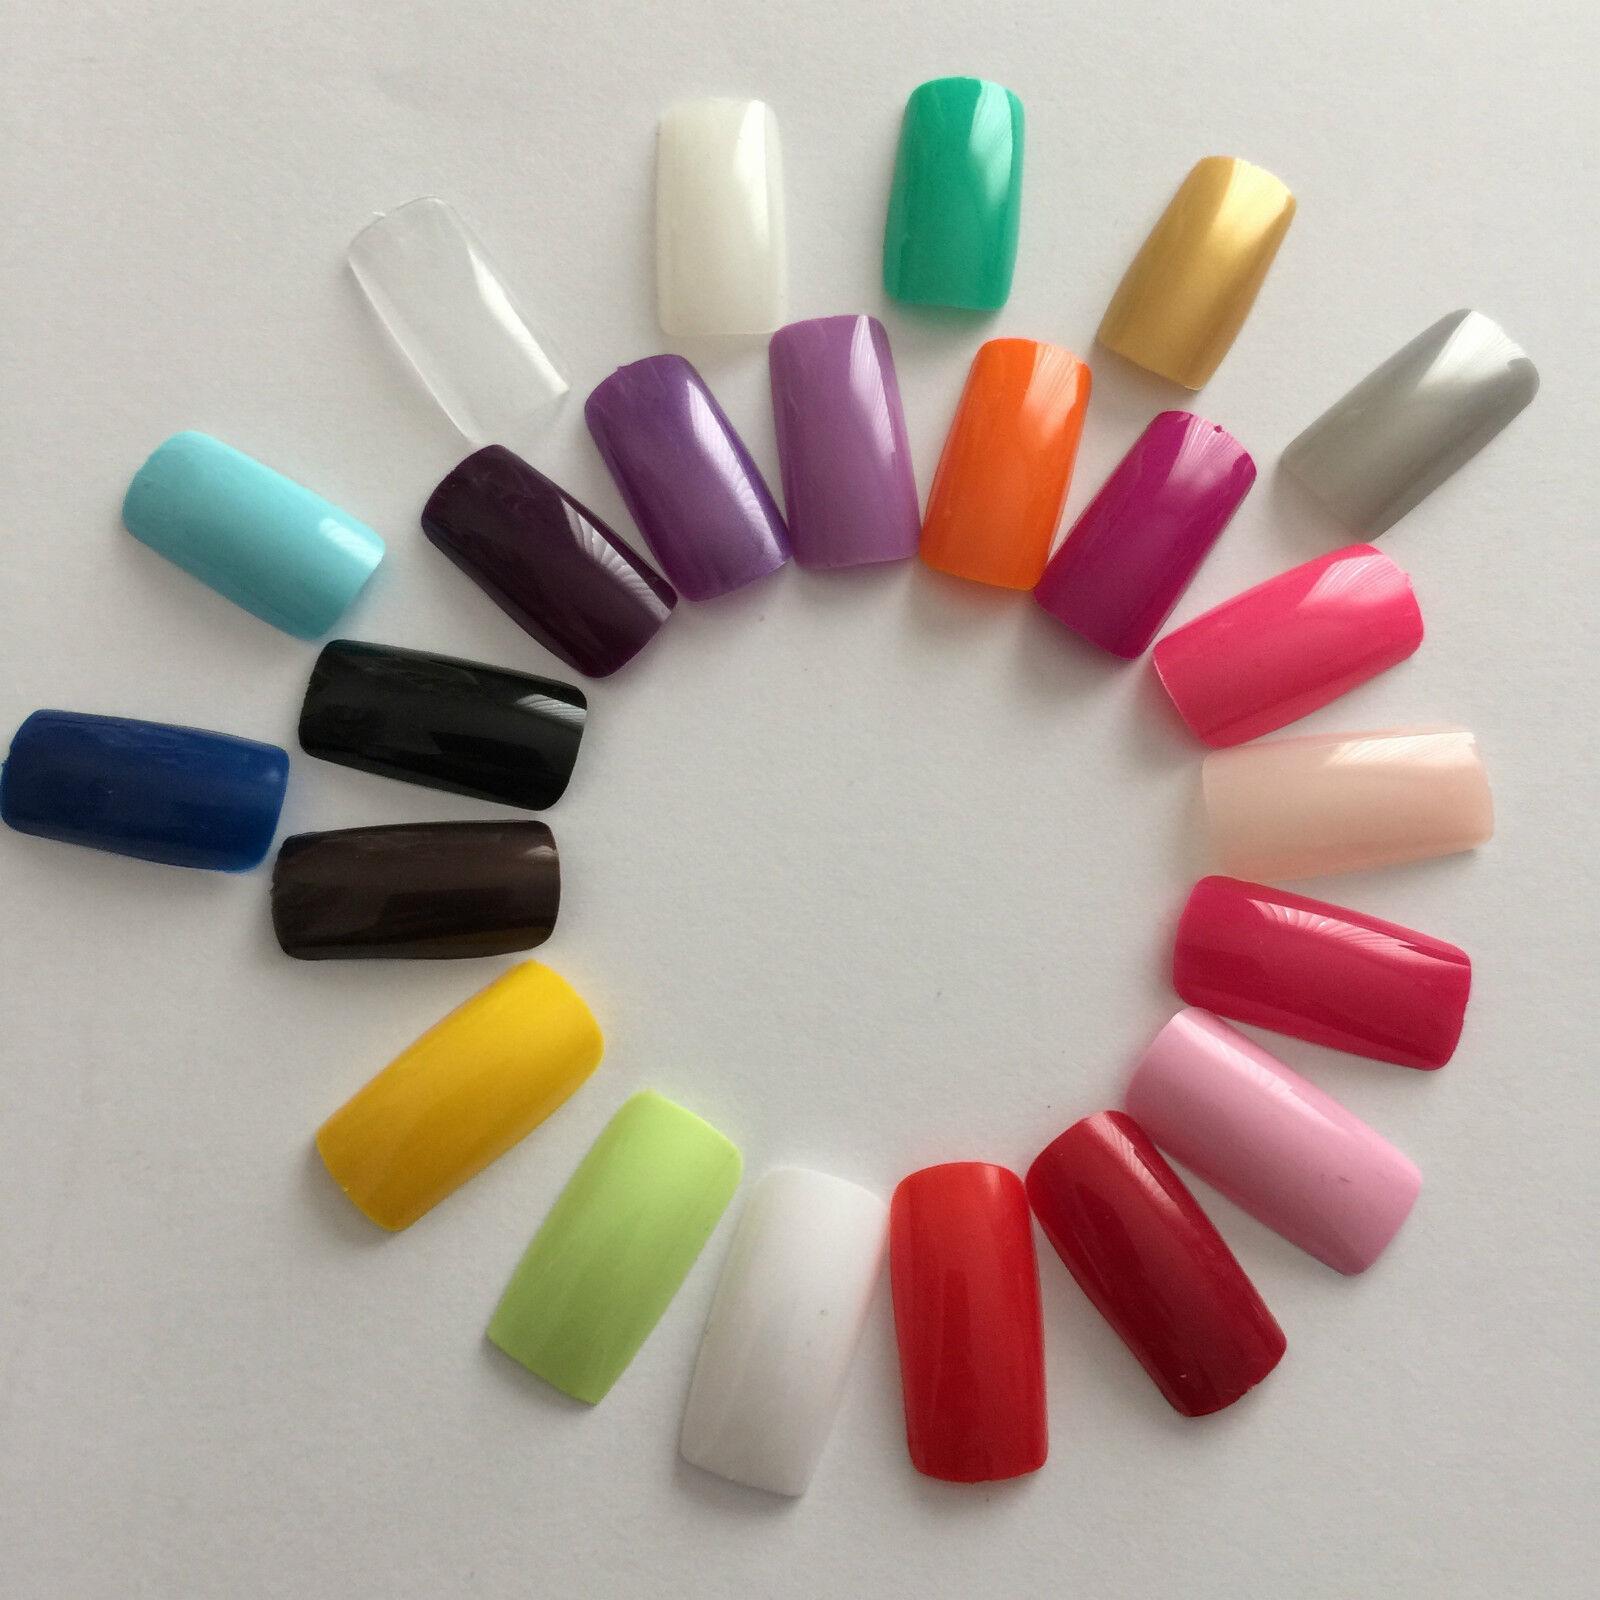 Künstliche Fingernägel Full Size Cover Tips in vielen Farben Fake Nails Wow